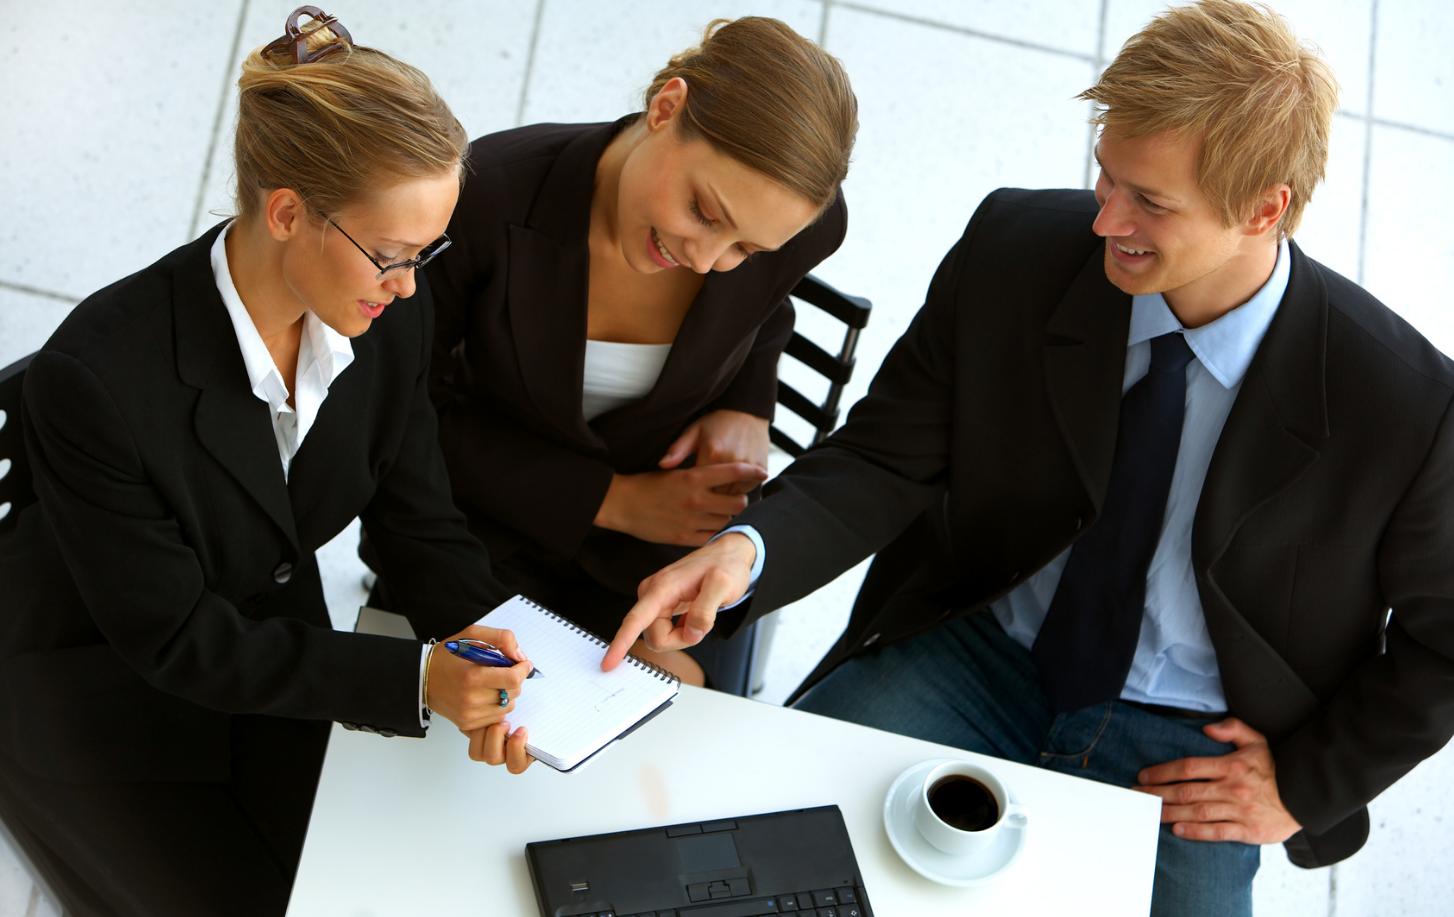 Бизнес-идея открытия кадрового агенства